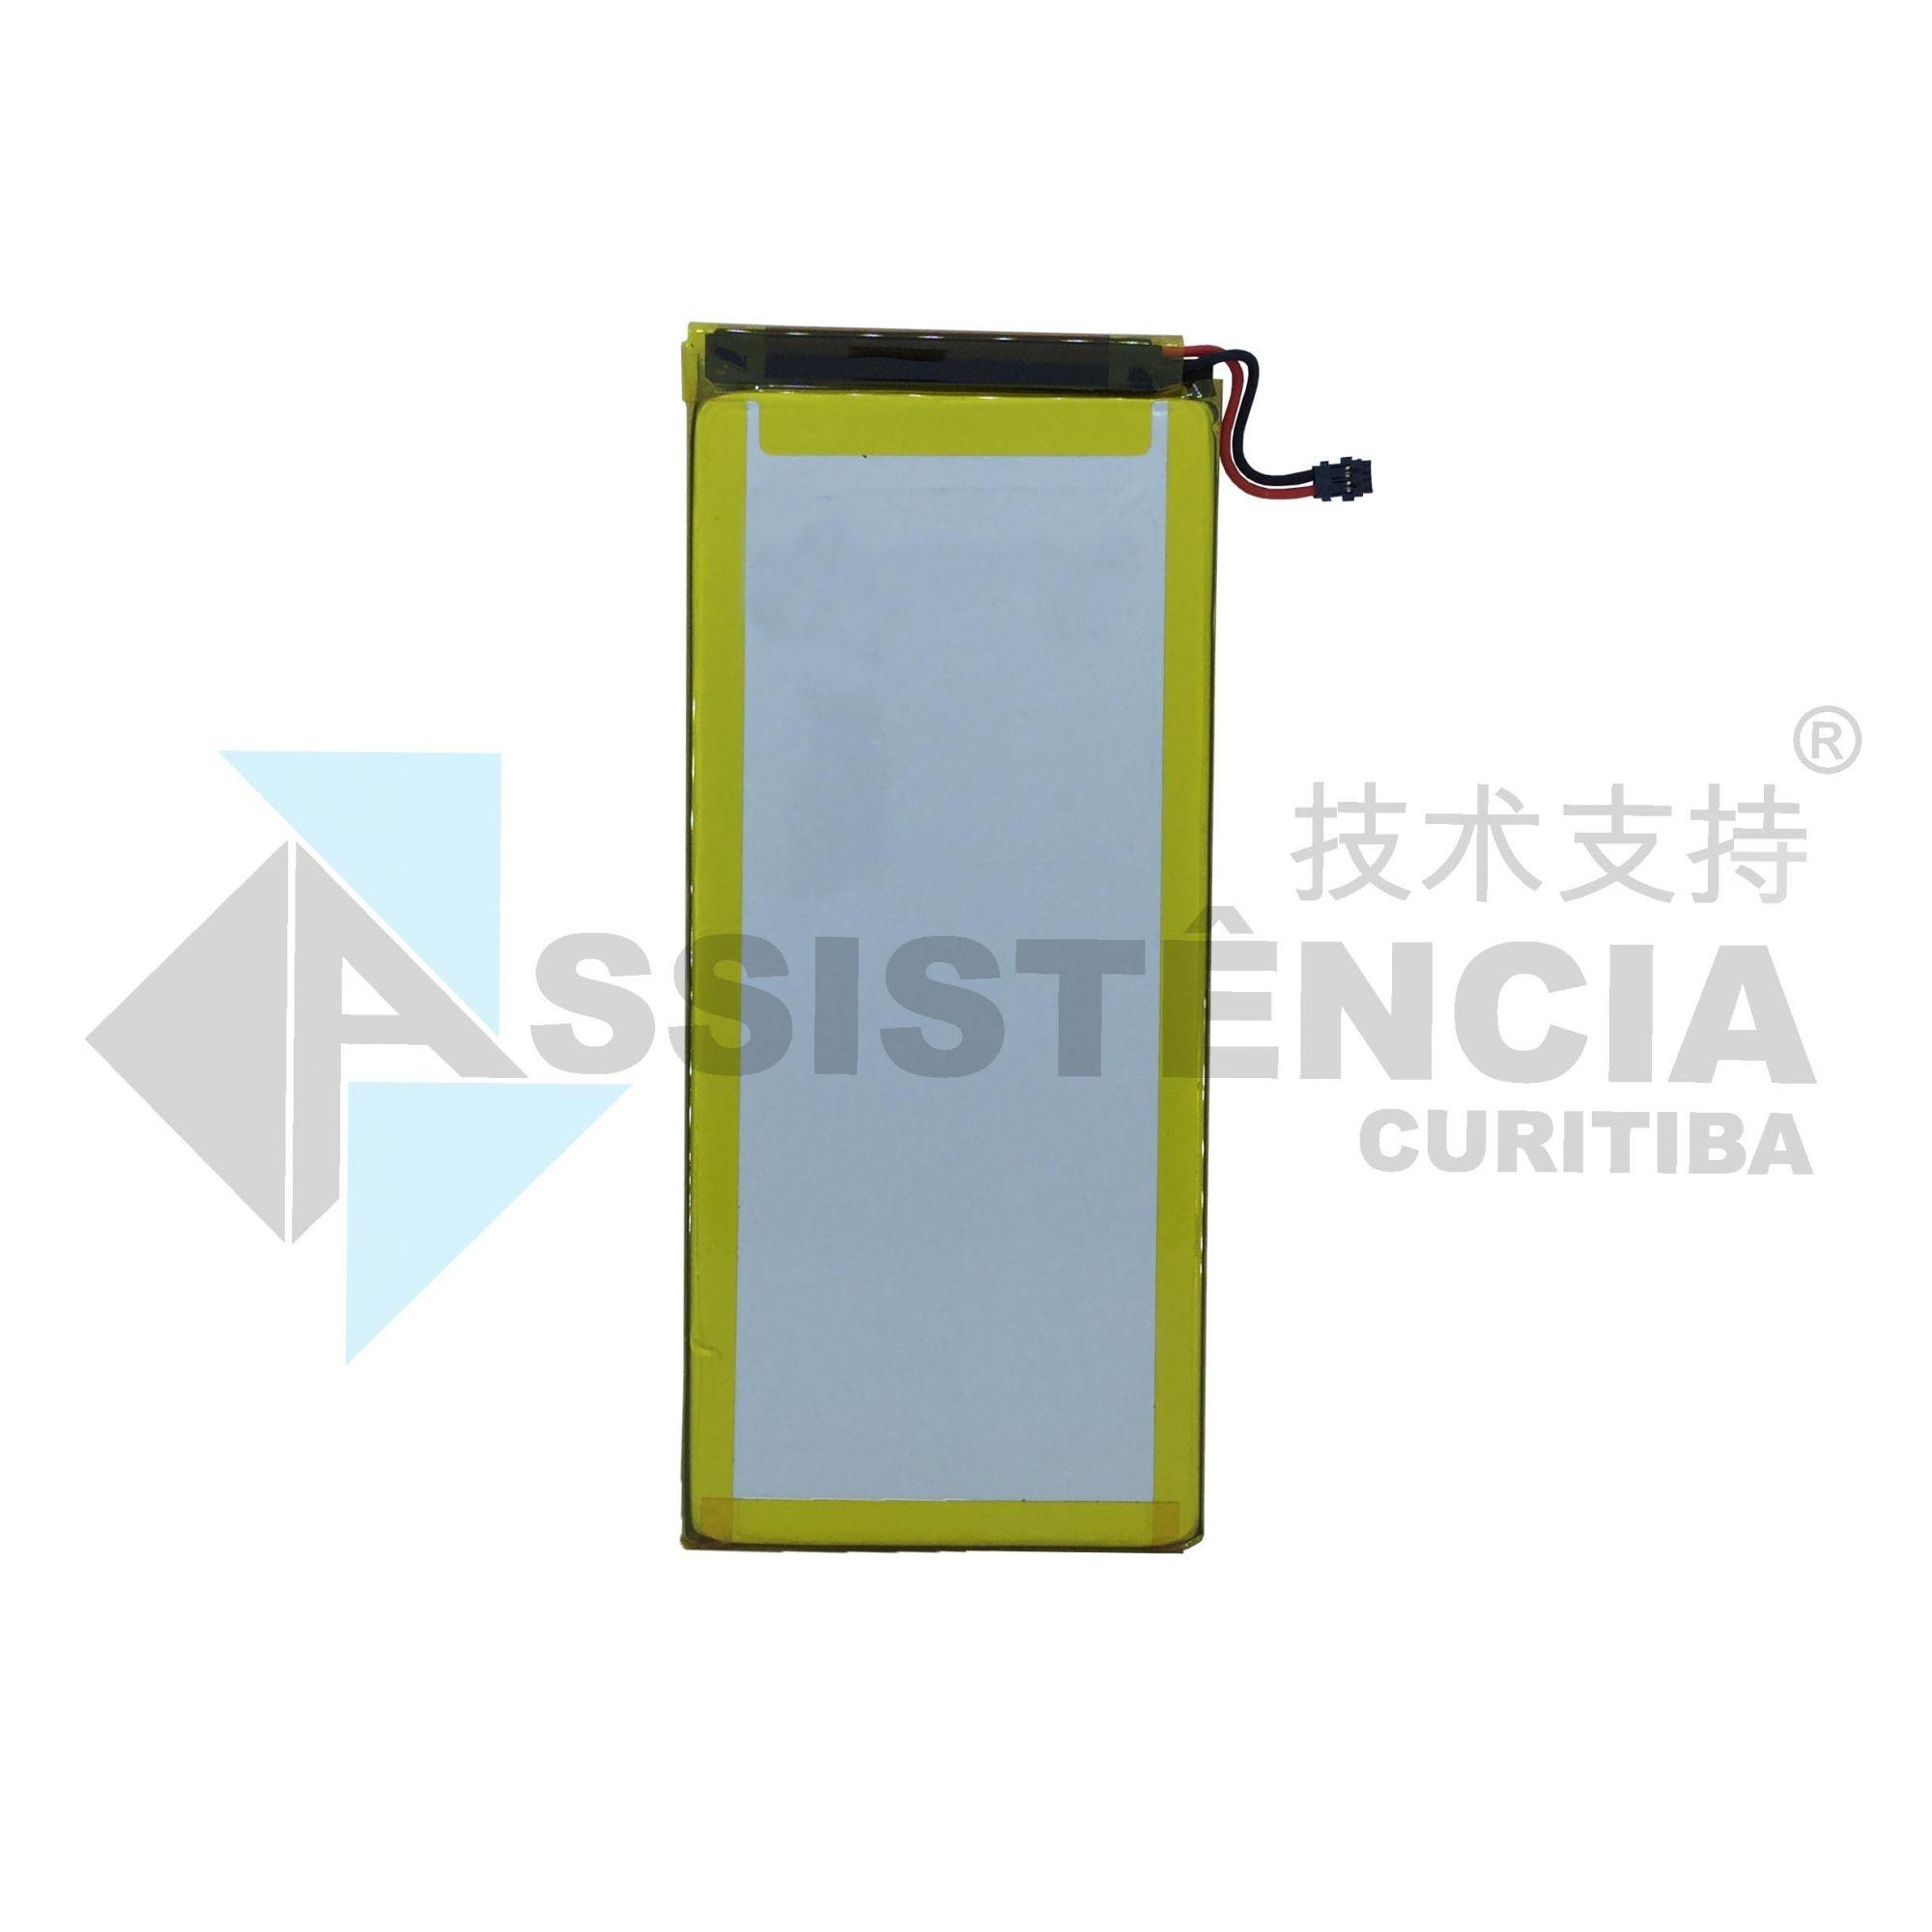 Bateria Motorola Moto G5S Moto G5S Plus Xt1792 Xt1793 Xt1794 Xt1802 Hg30